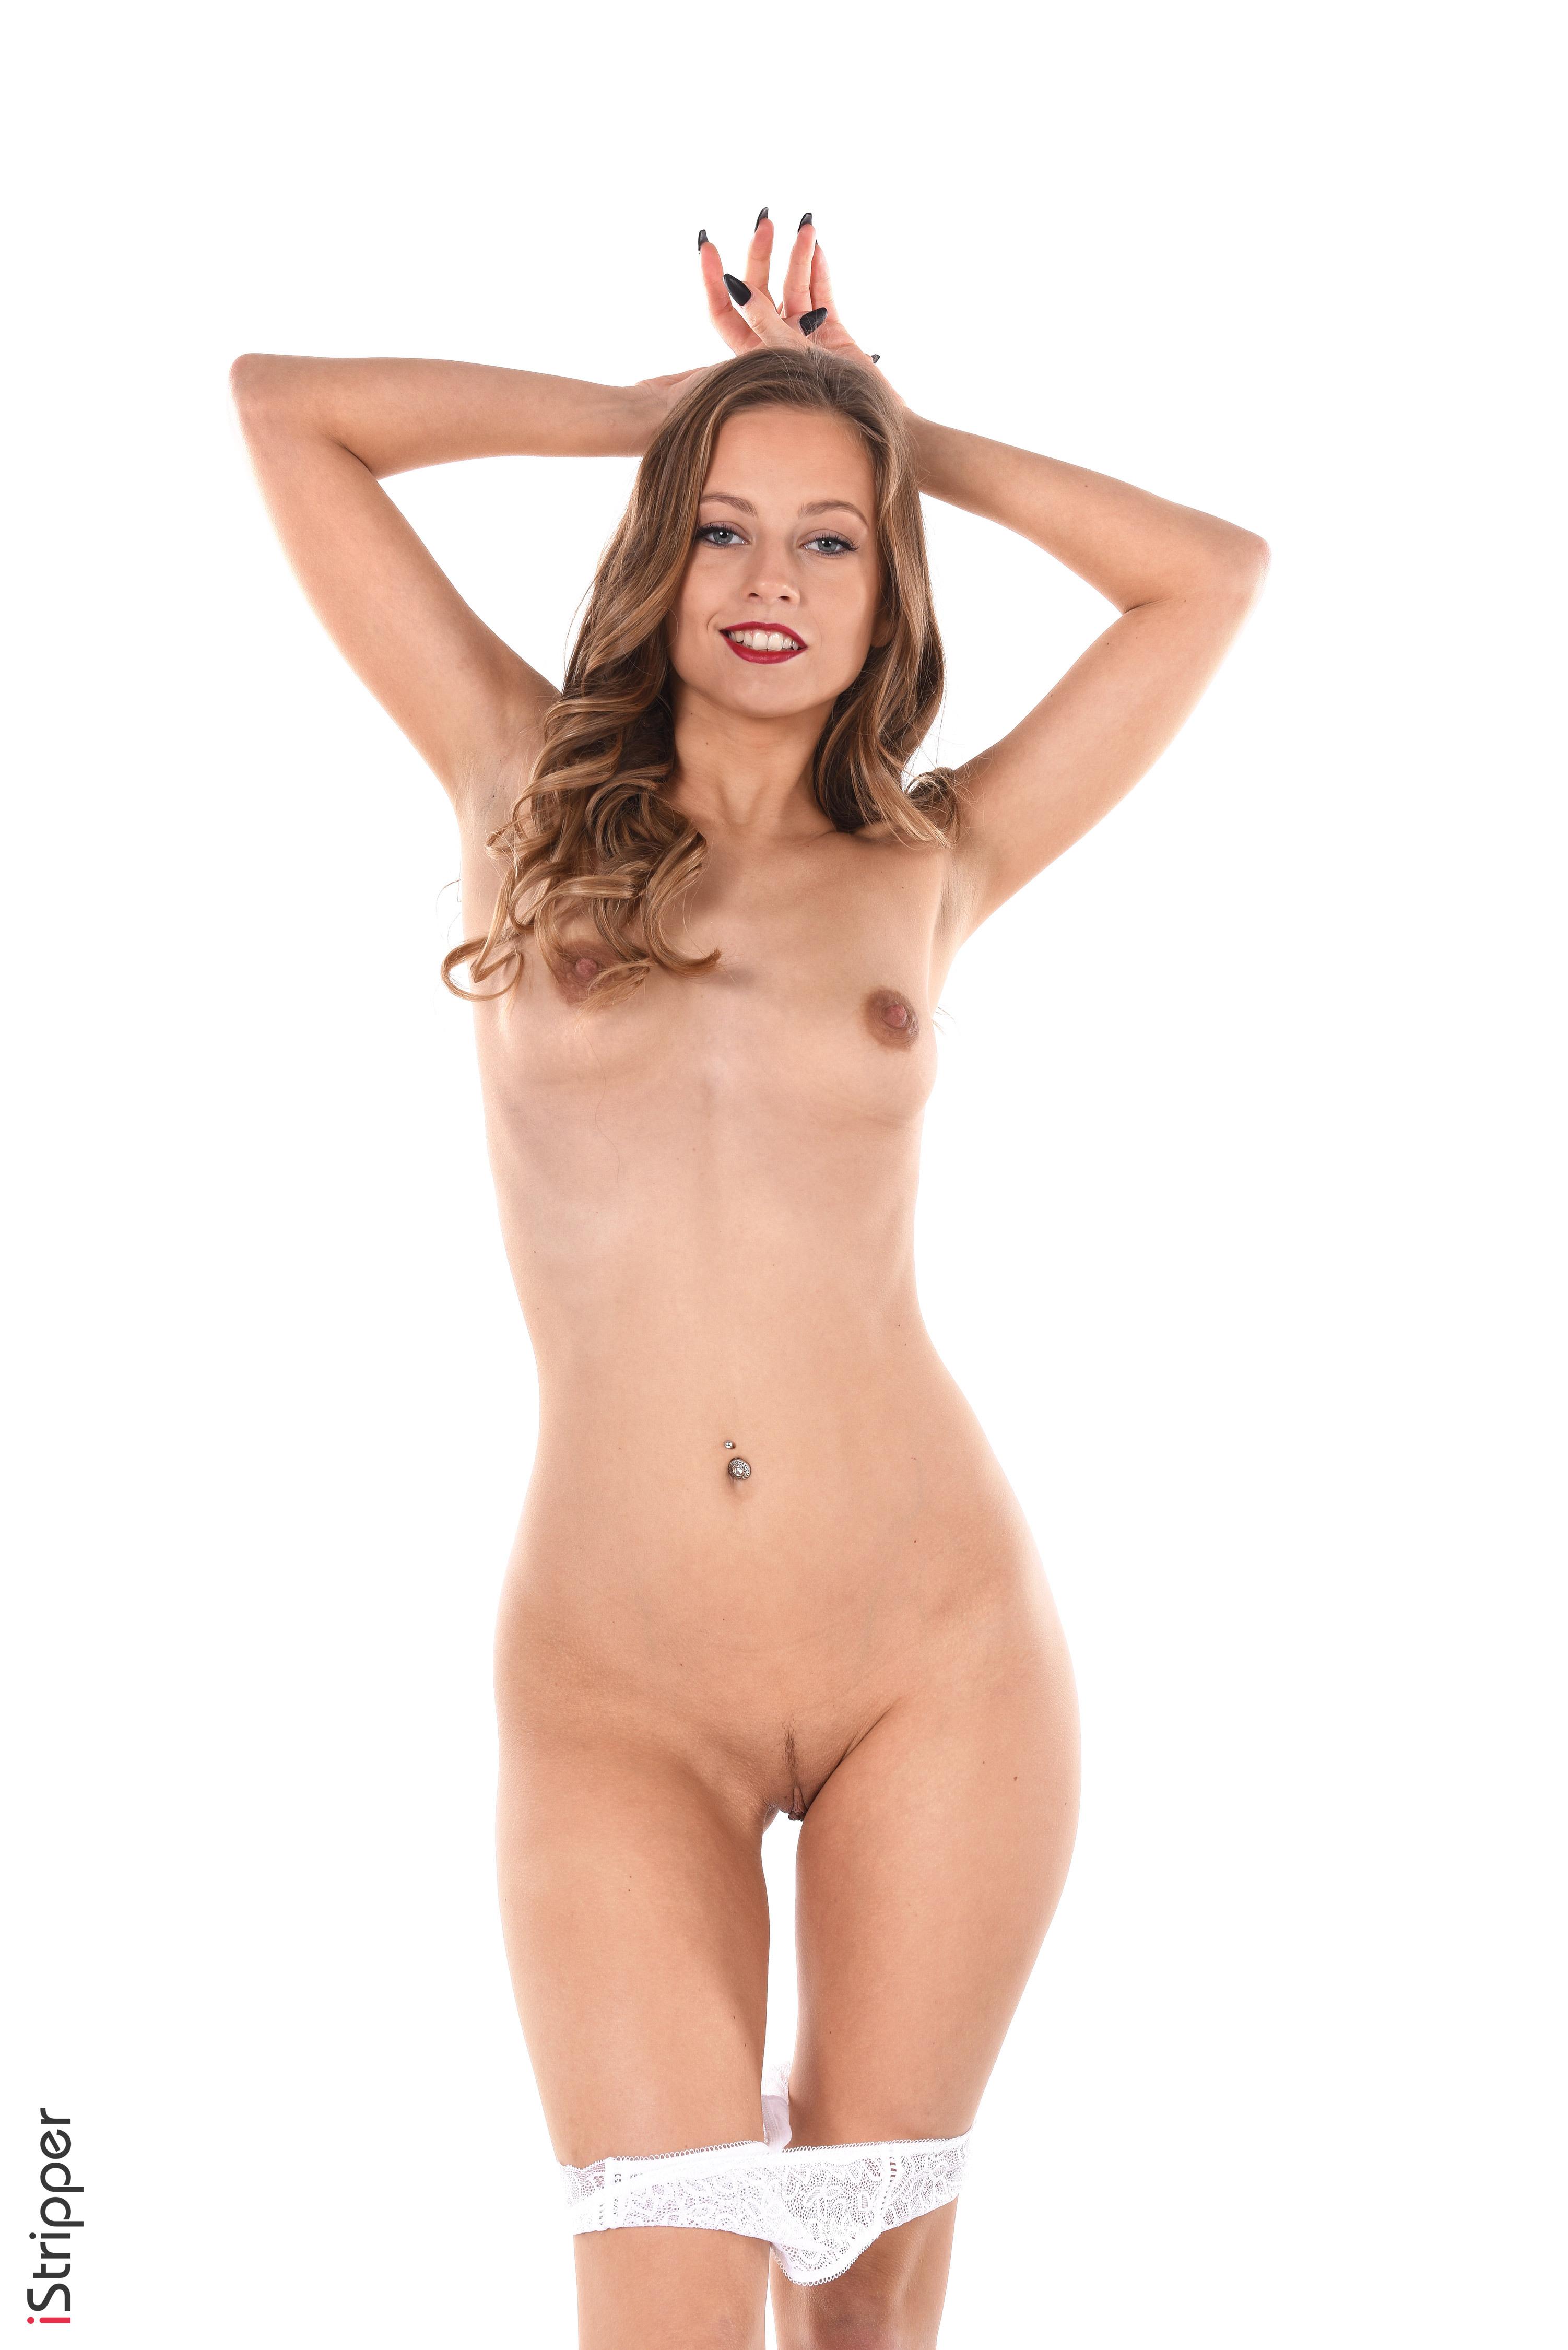 brad bison sexy striptease